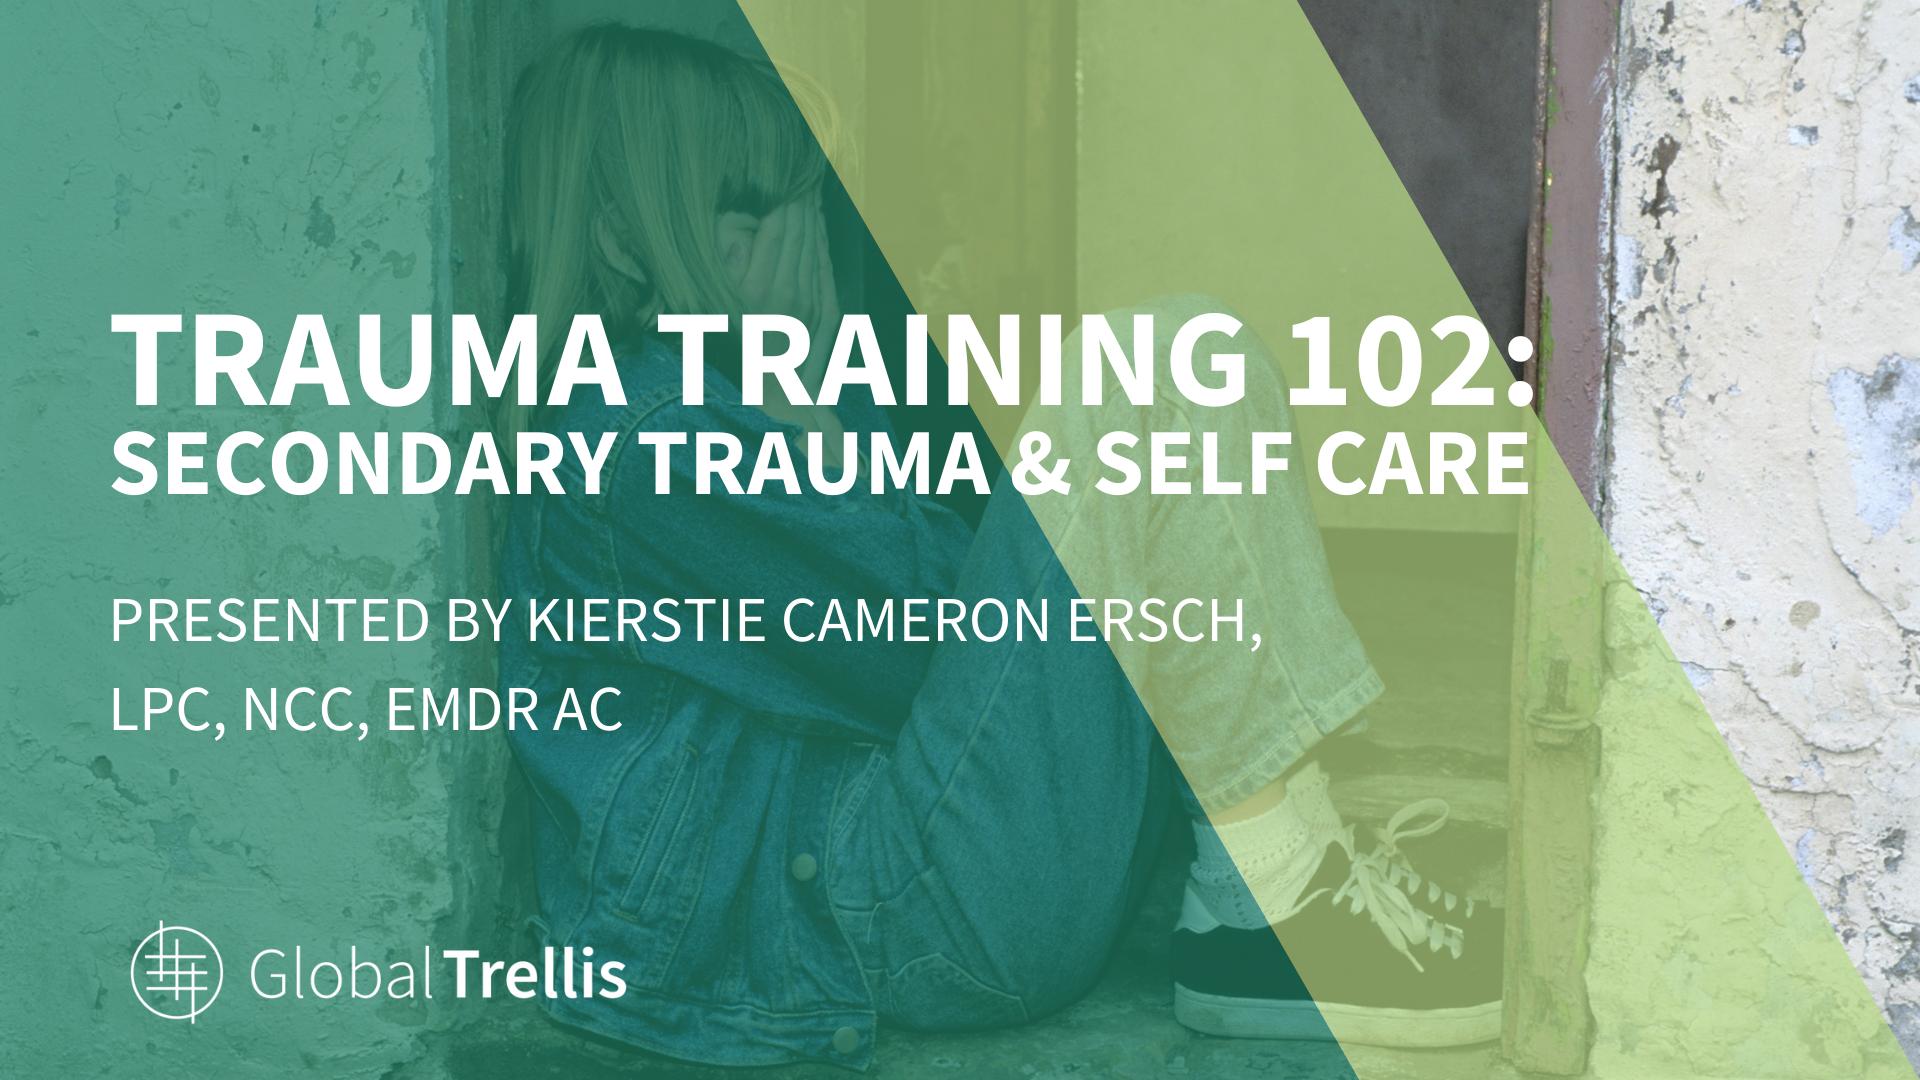 Trauma Training 102: Secondary Trauma & Self Care